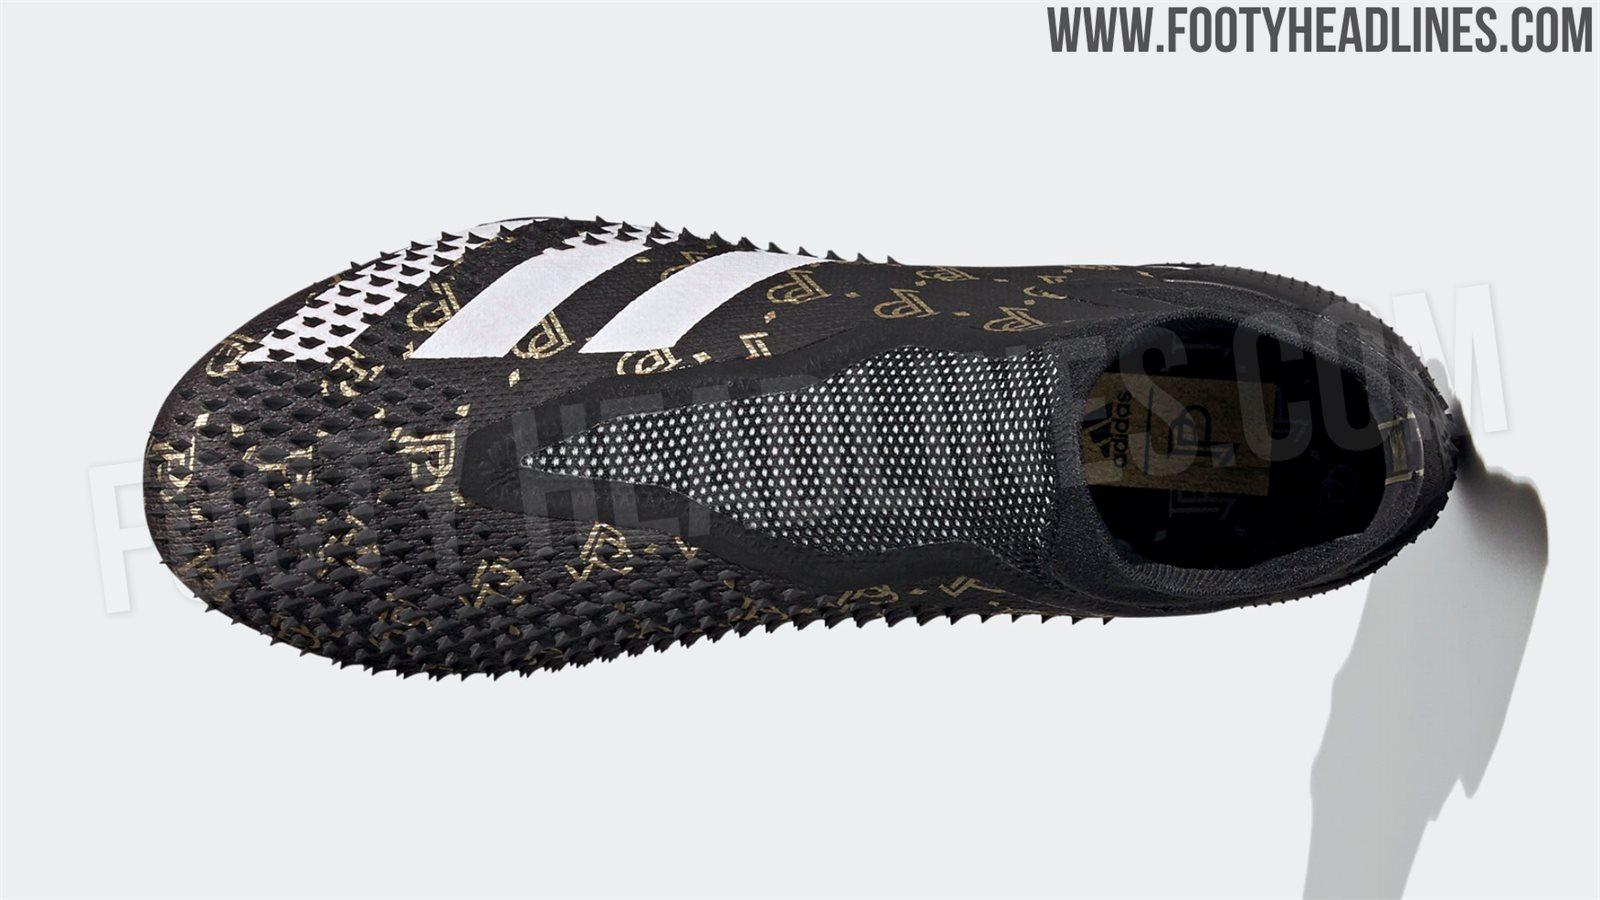 Giay da banh Adidas Predator 20+ Pogba season 7 (5)